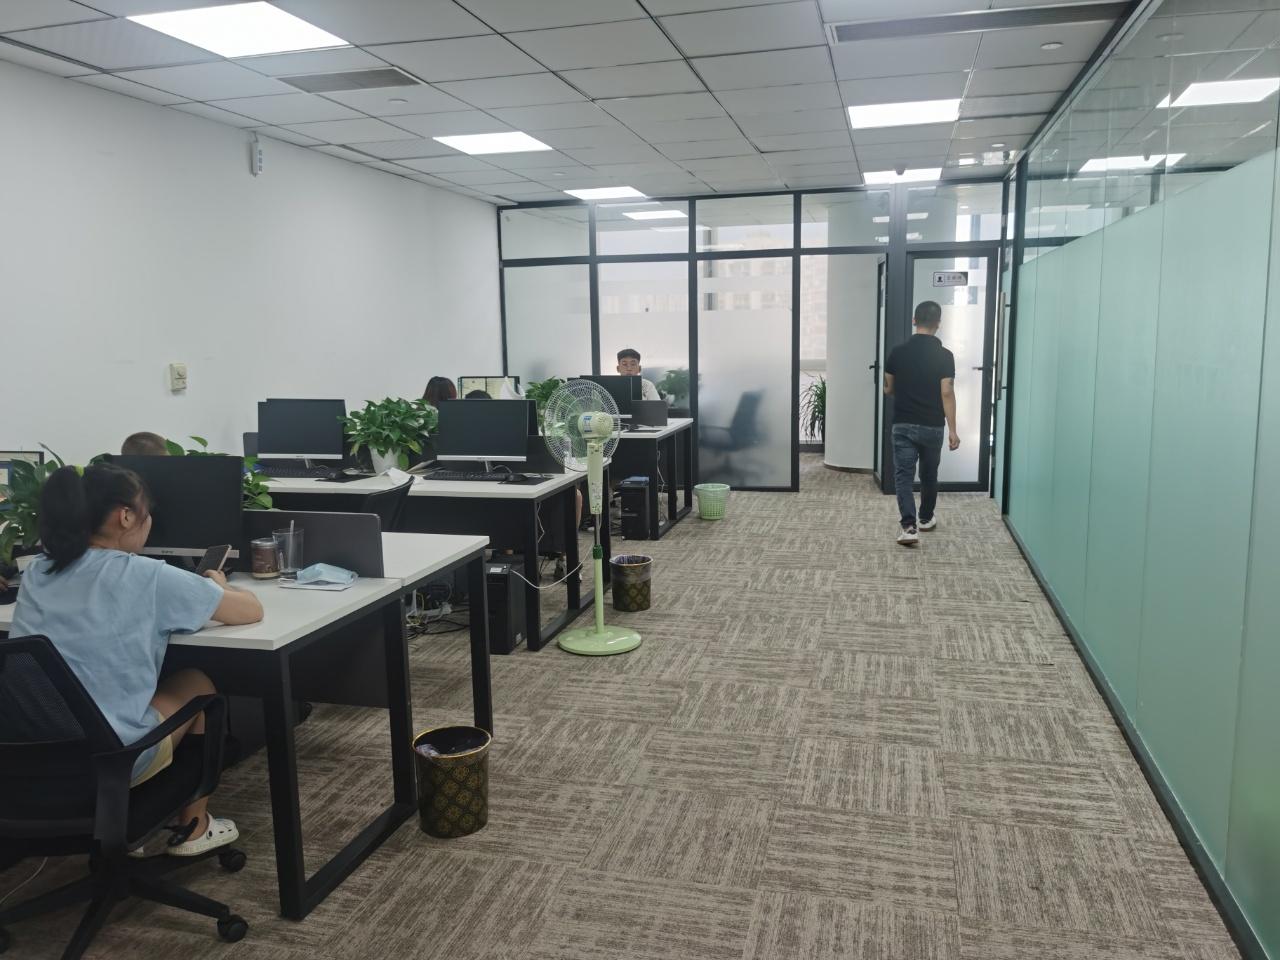 骡马市丨富力中心168平米  2办公室+1大培训室+12人工位